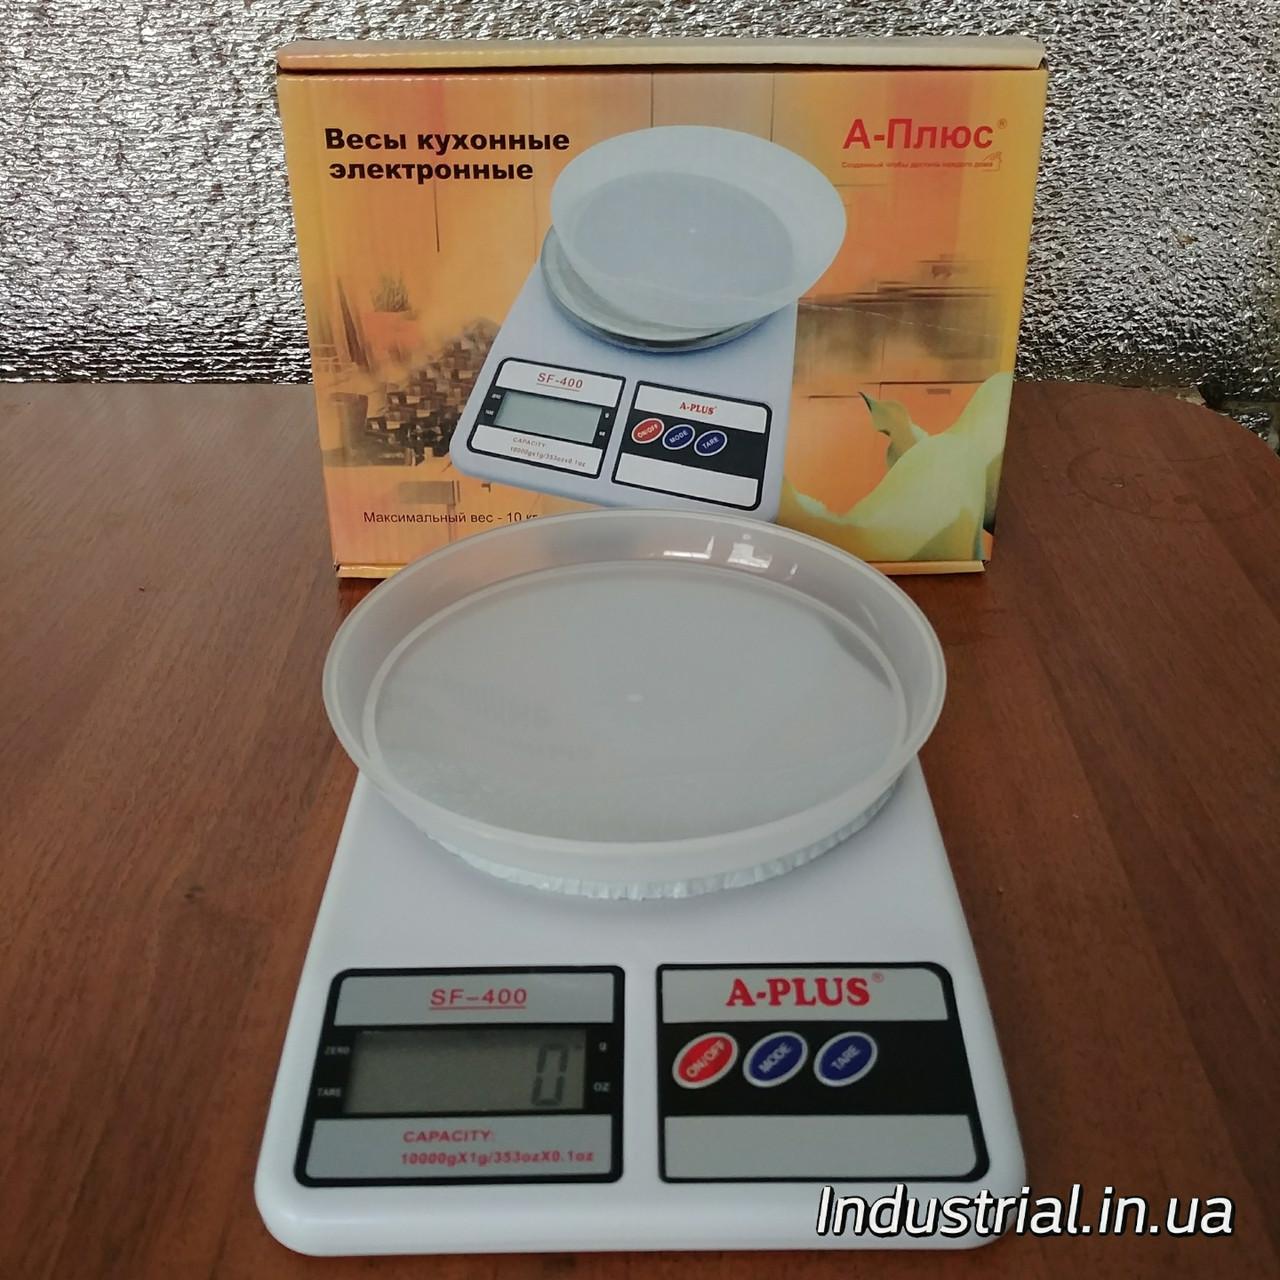 Весы кухонные А-плюс 1679 электрические с чашой 10кг.